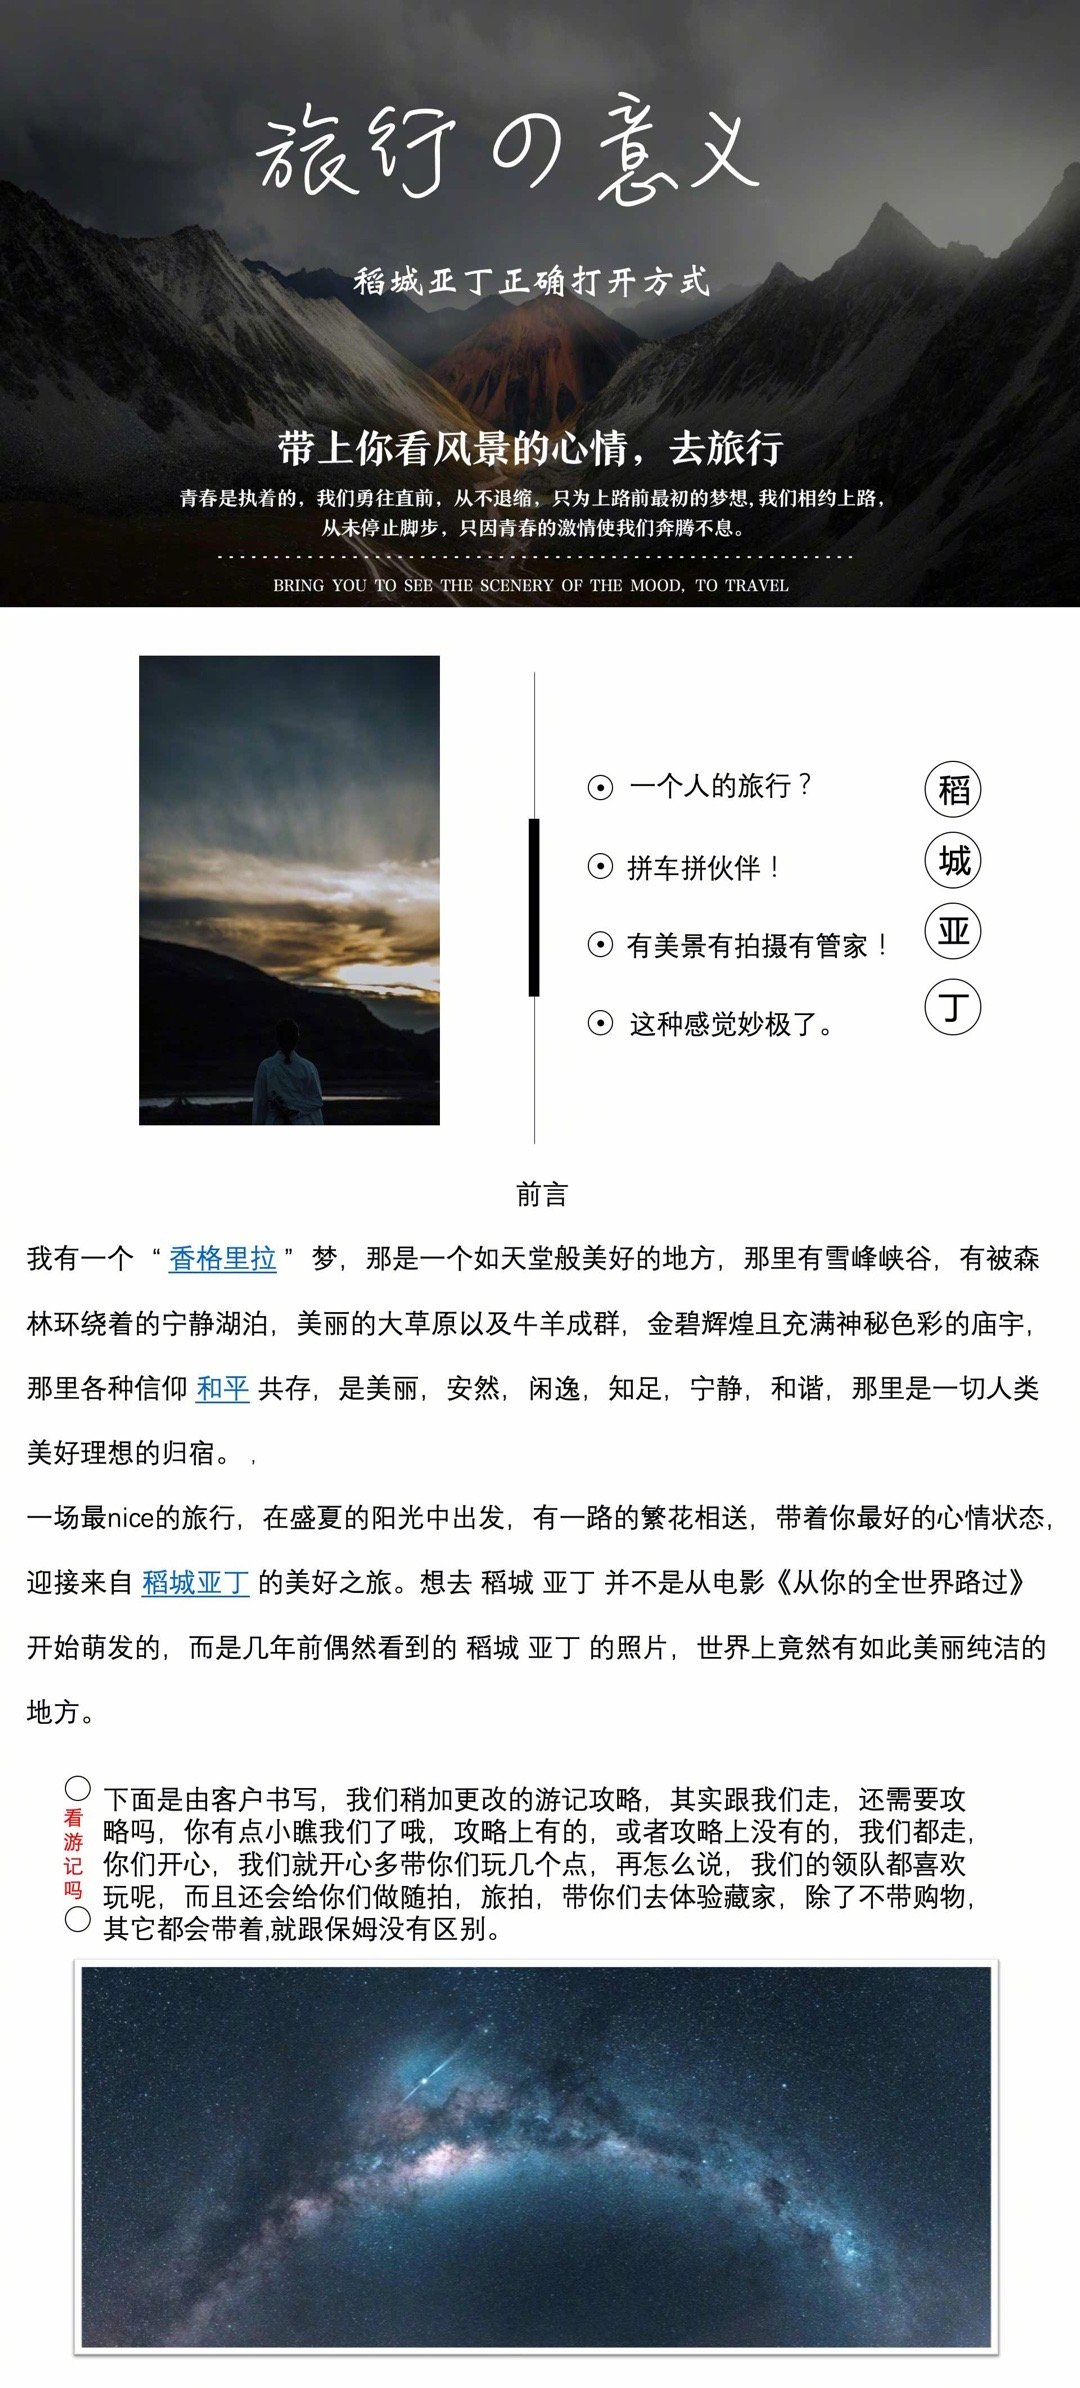 稻城亚丁攻略——旅行的意义就是在于感受风景和大自然的美好